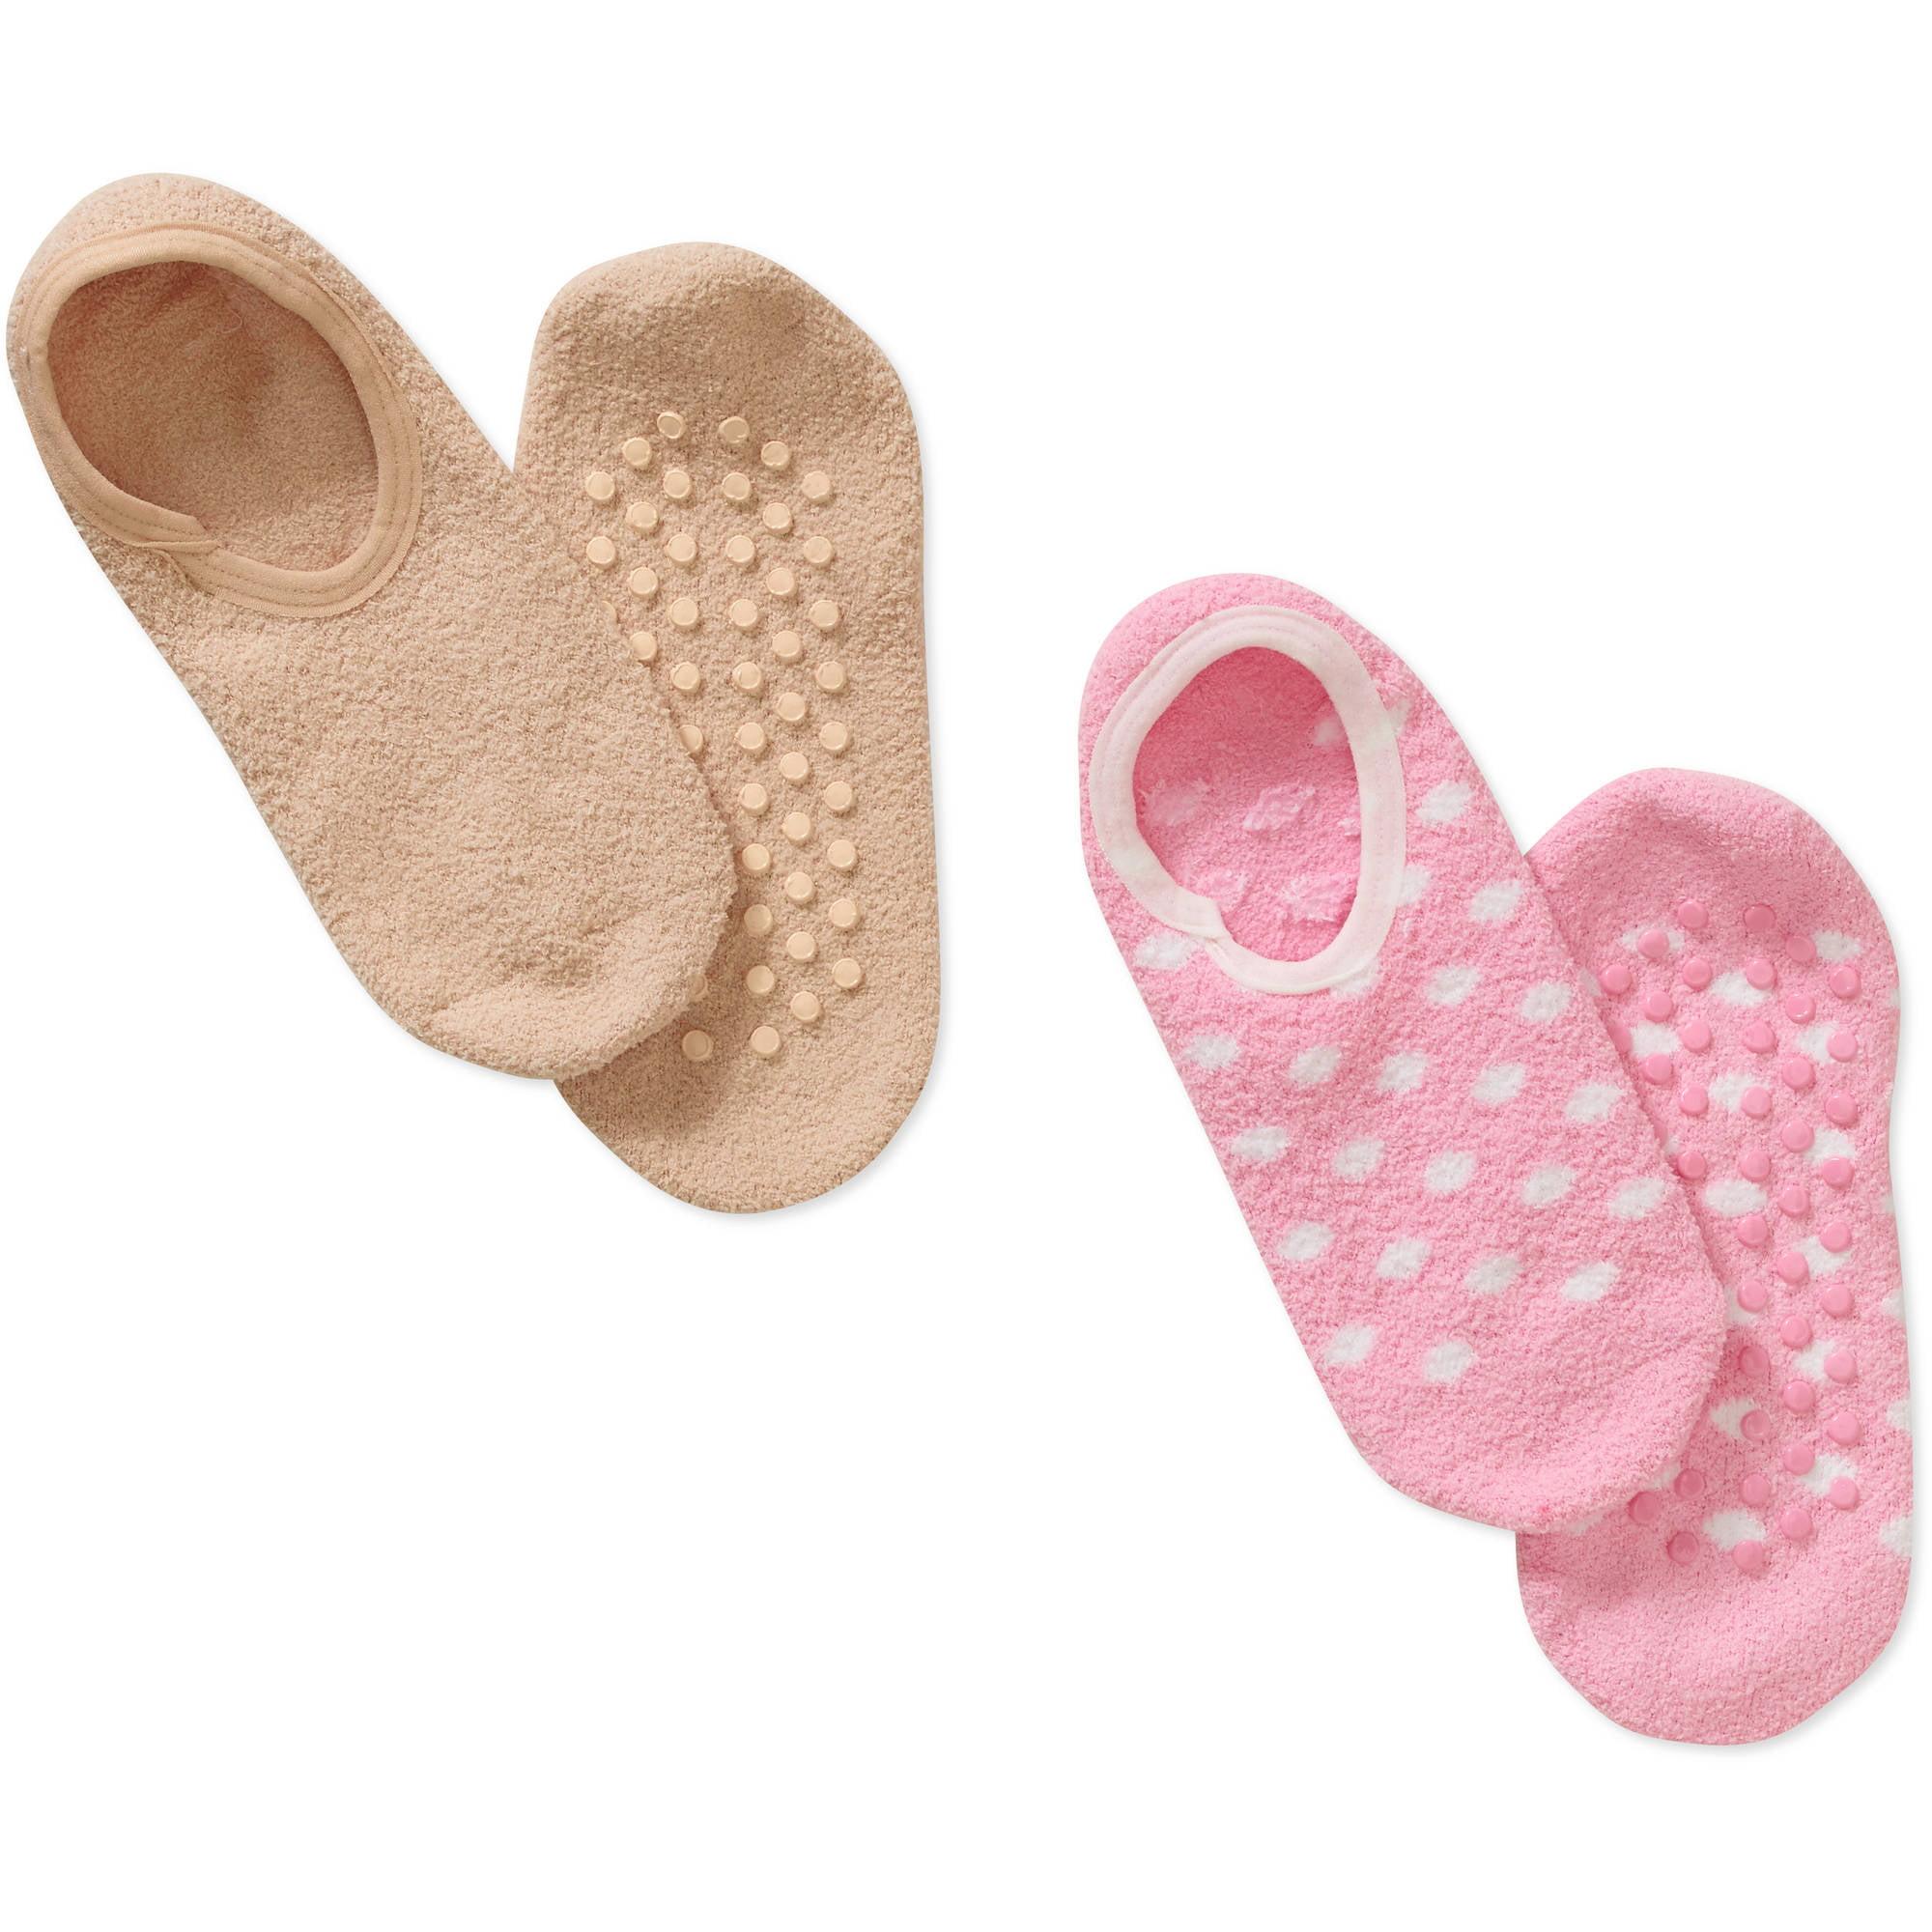 Women's Soft Touch Gripper Sock - 2 Pack